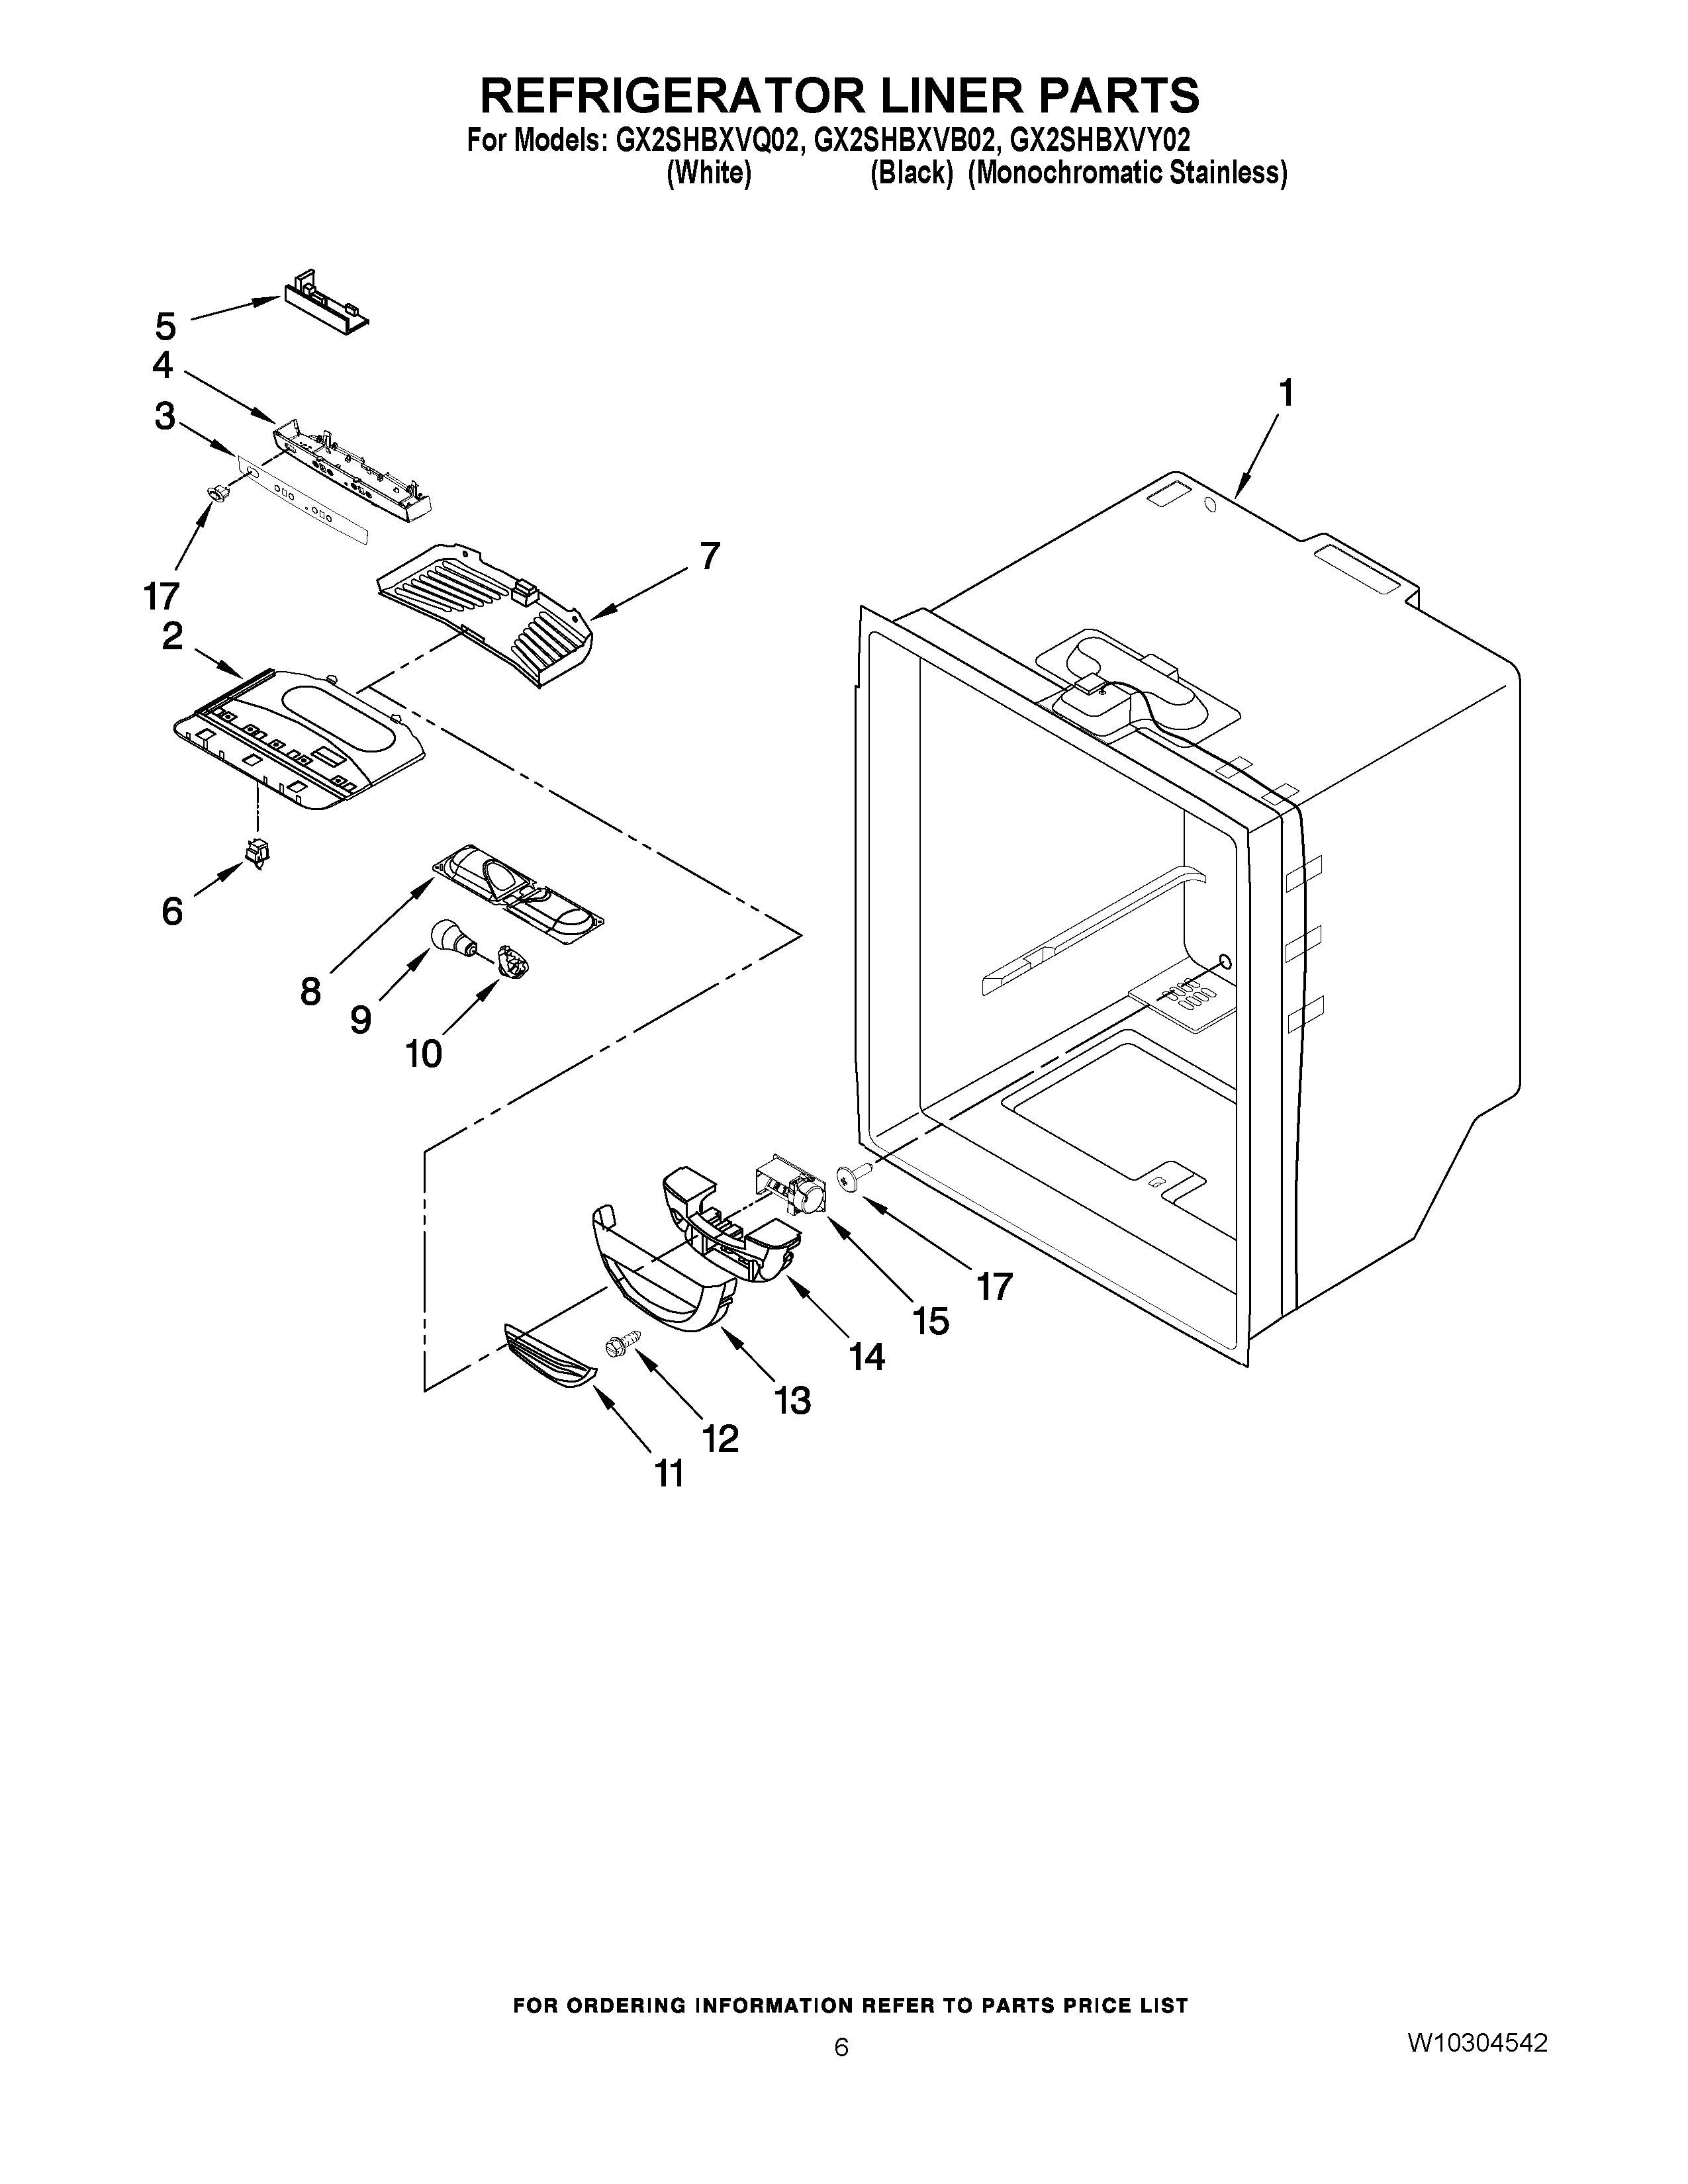 GX2SHBXVB02